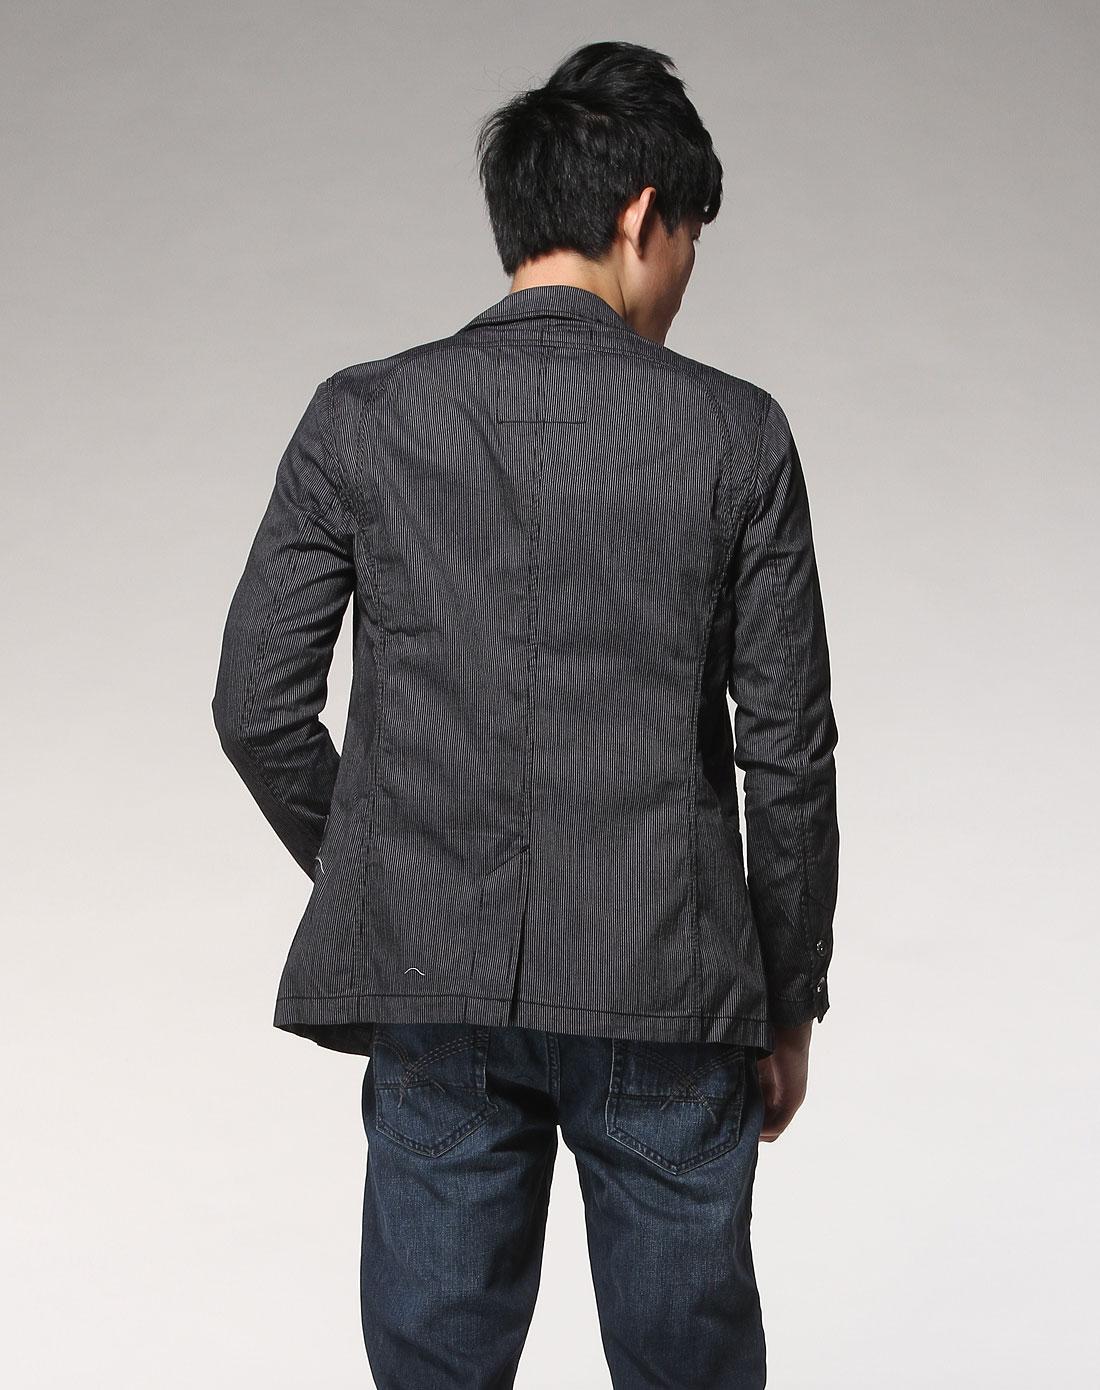 森马黑色休闲长袖西装外套091141521-090_唯品会